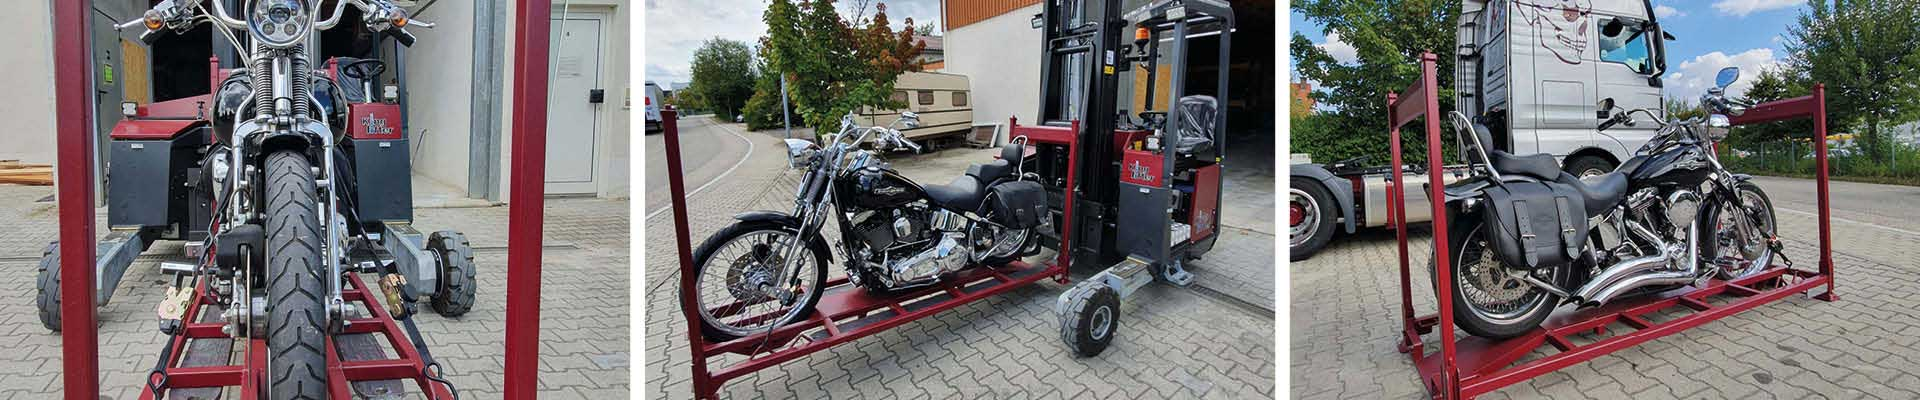 M-Motorradreisen Ständer für die Lagerung der Motorräder